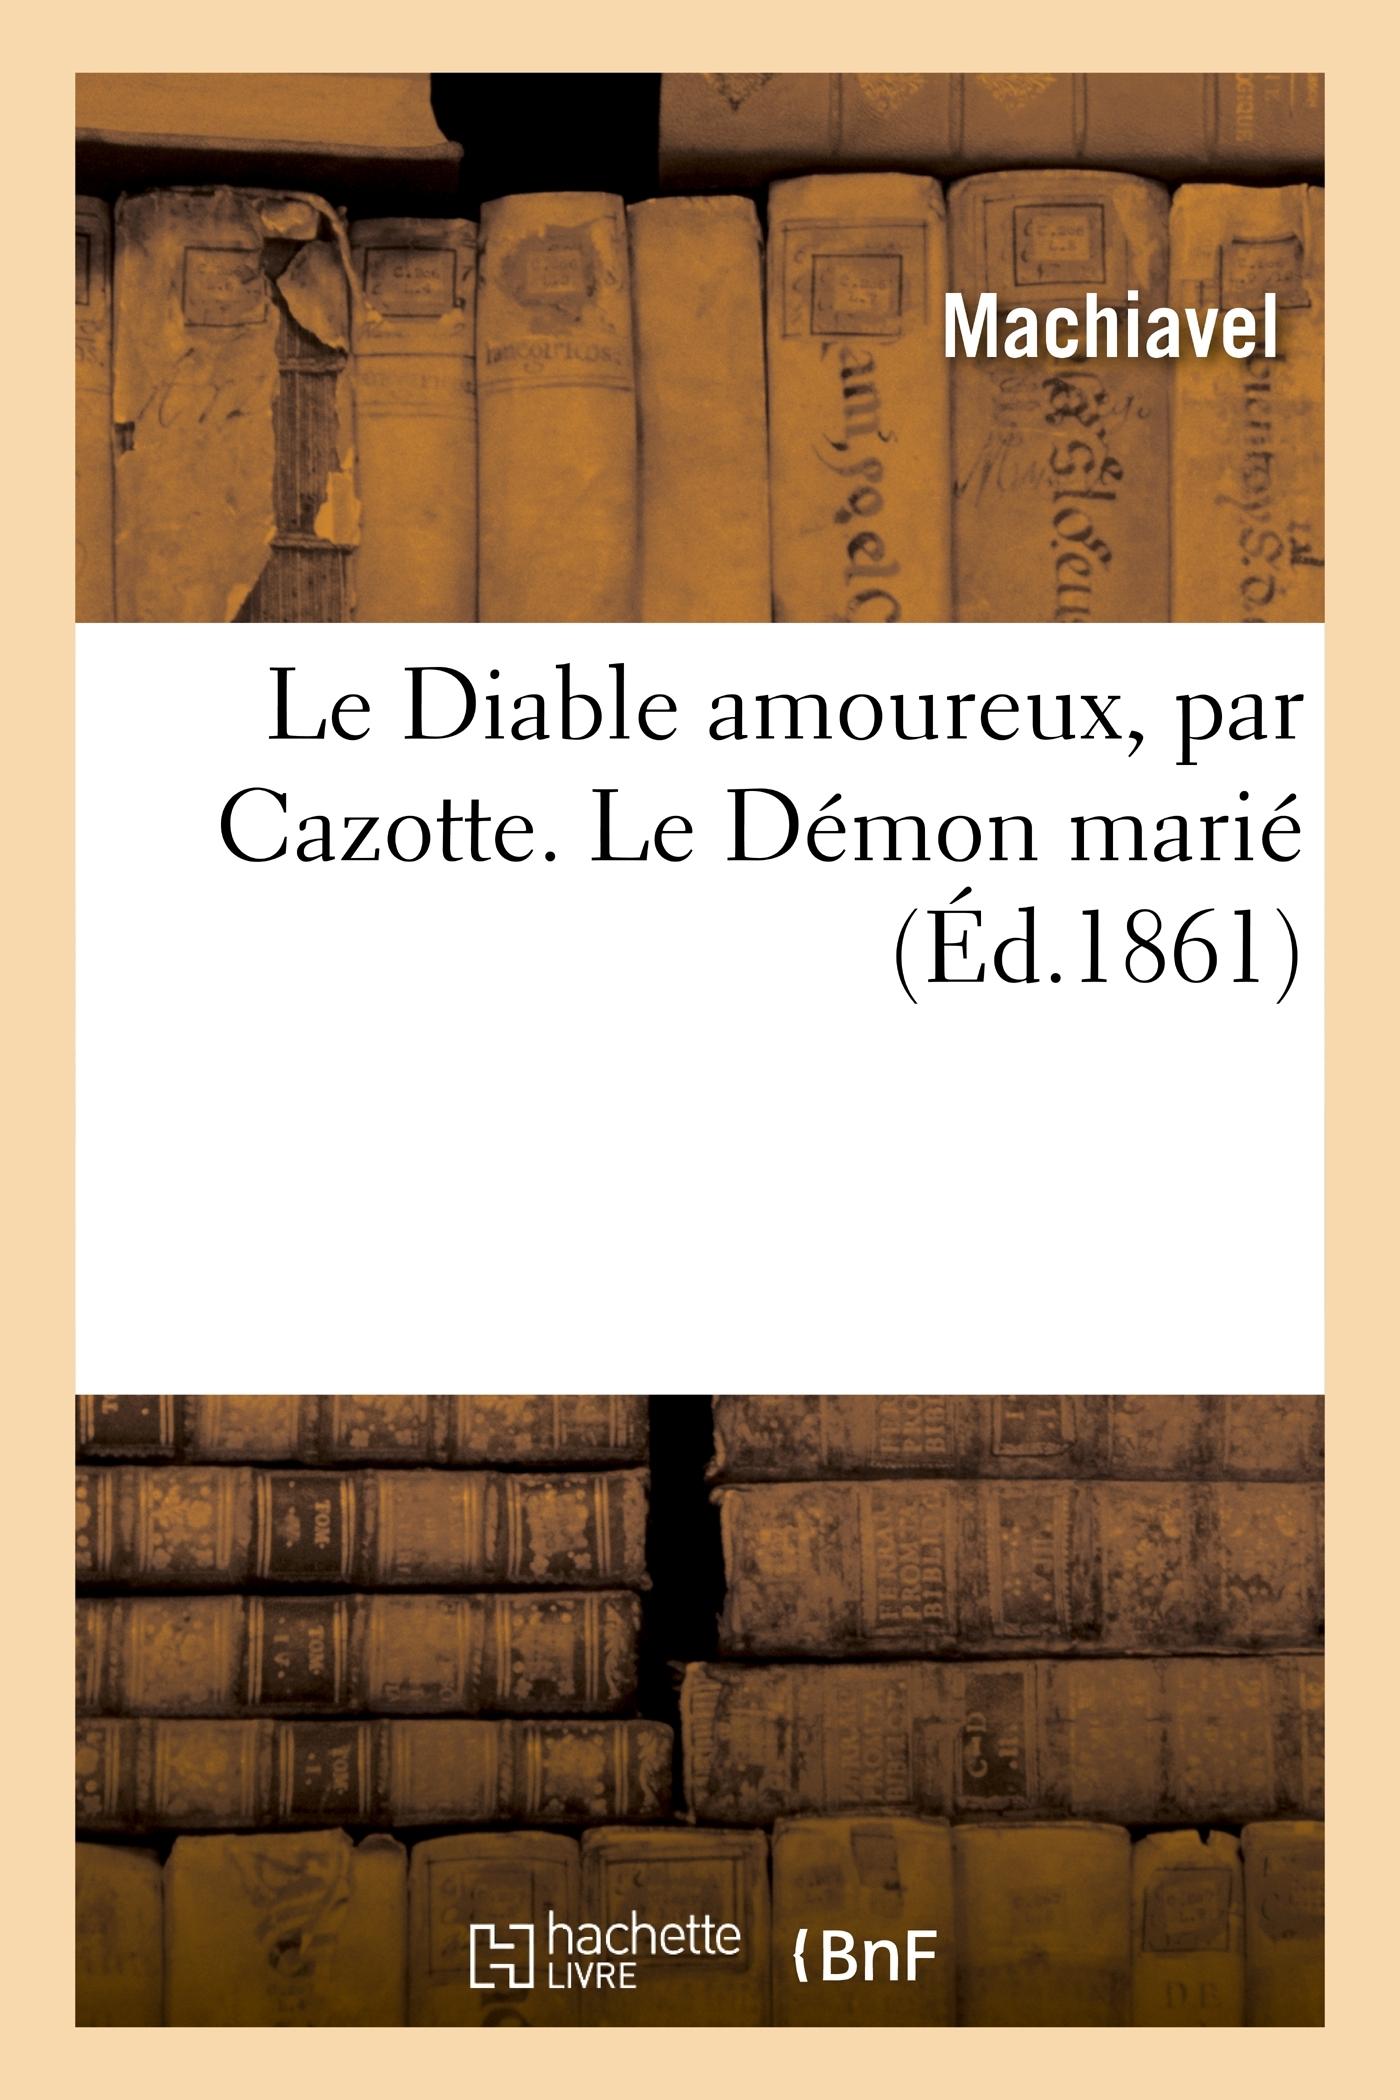 LE DIABLE AMOUREUX, PAR CAZOTTE. LE DEMON MARIE